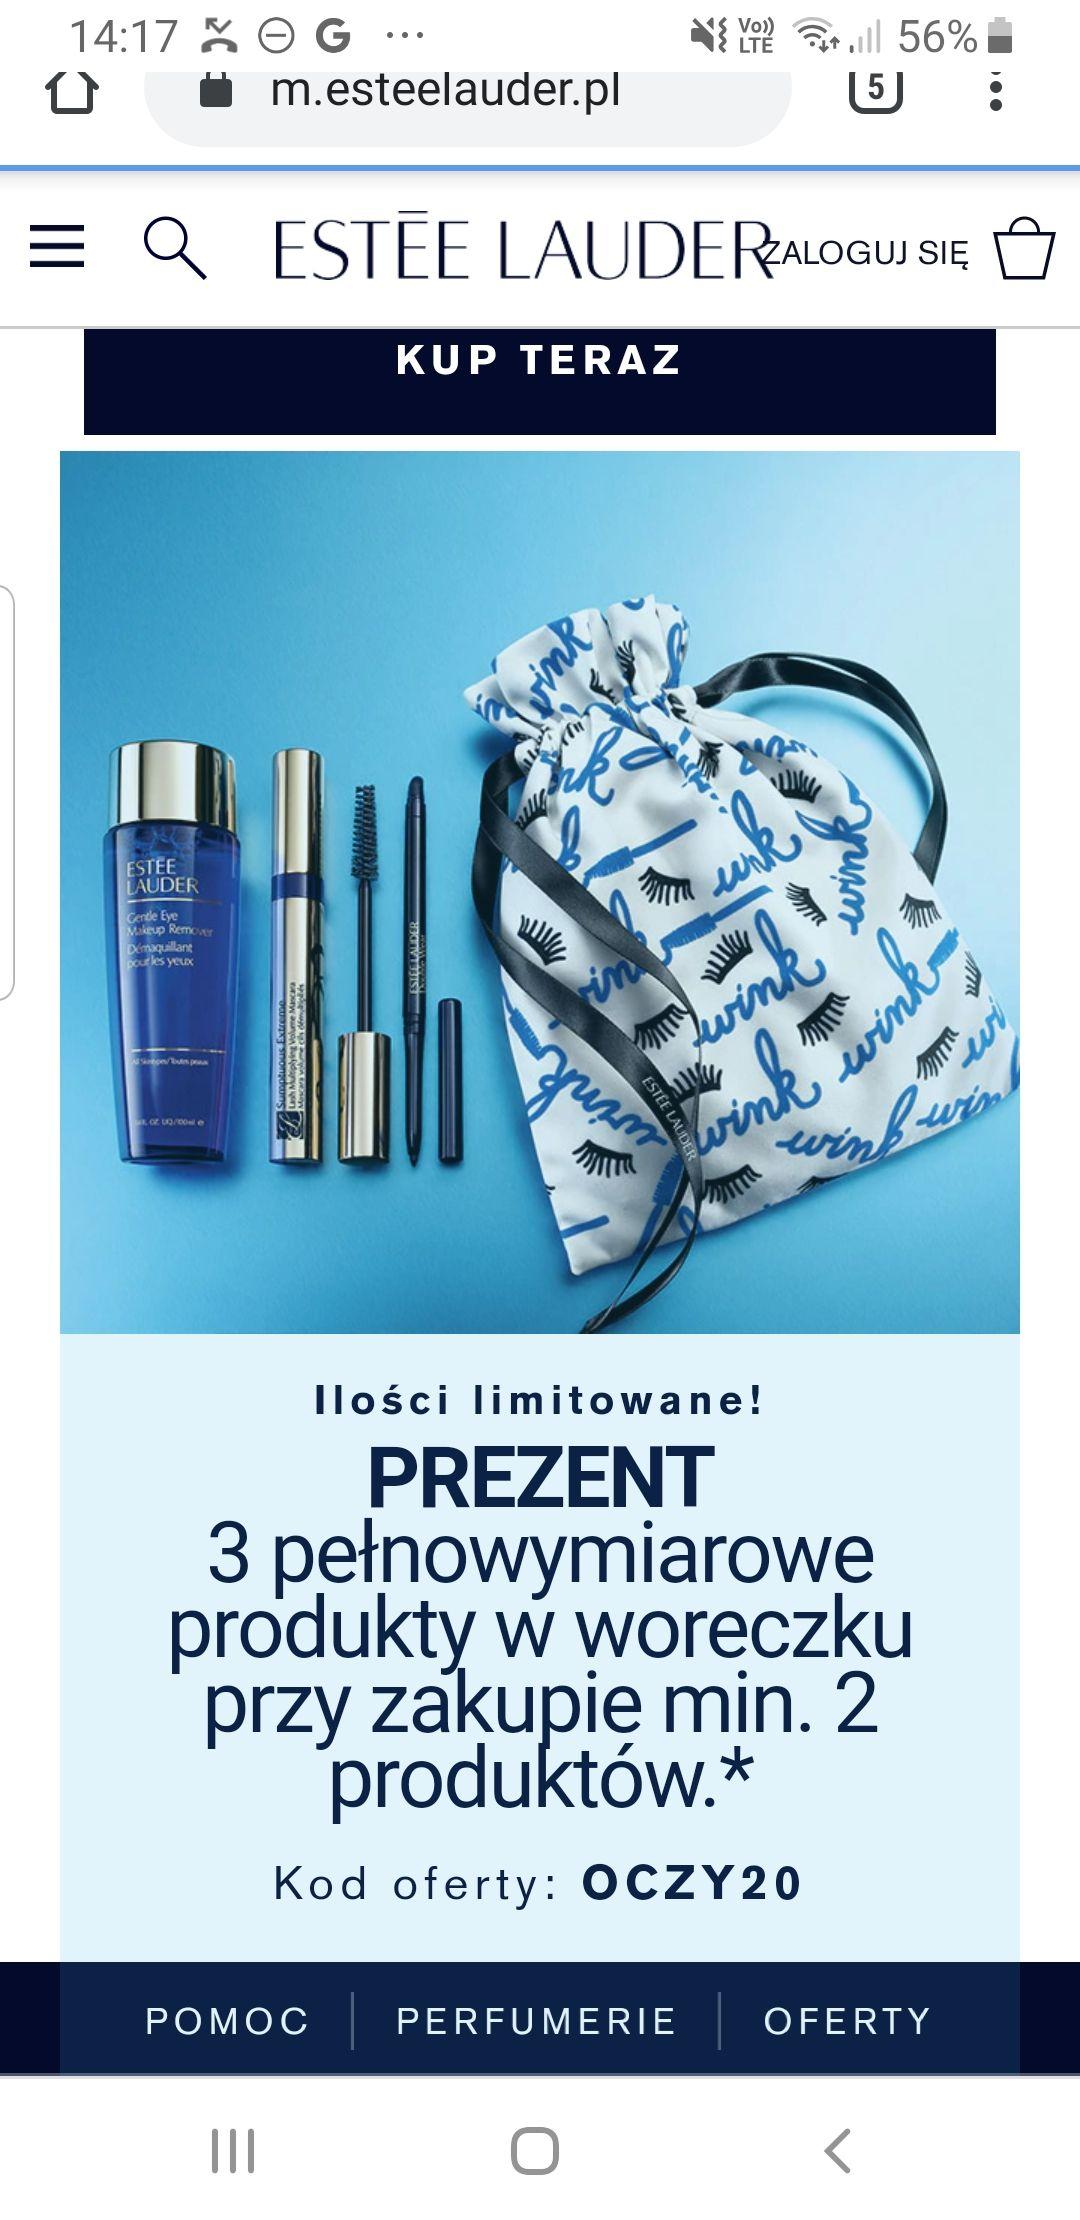 Estee Lauder woreczek z kosmetykami o wartosci ponad 300pln przy zakupie 2 produktow